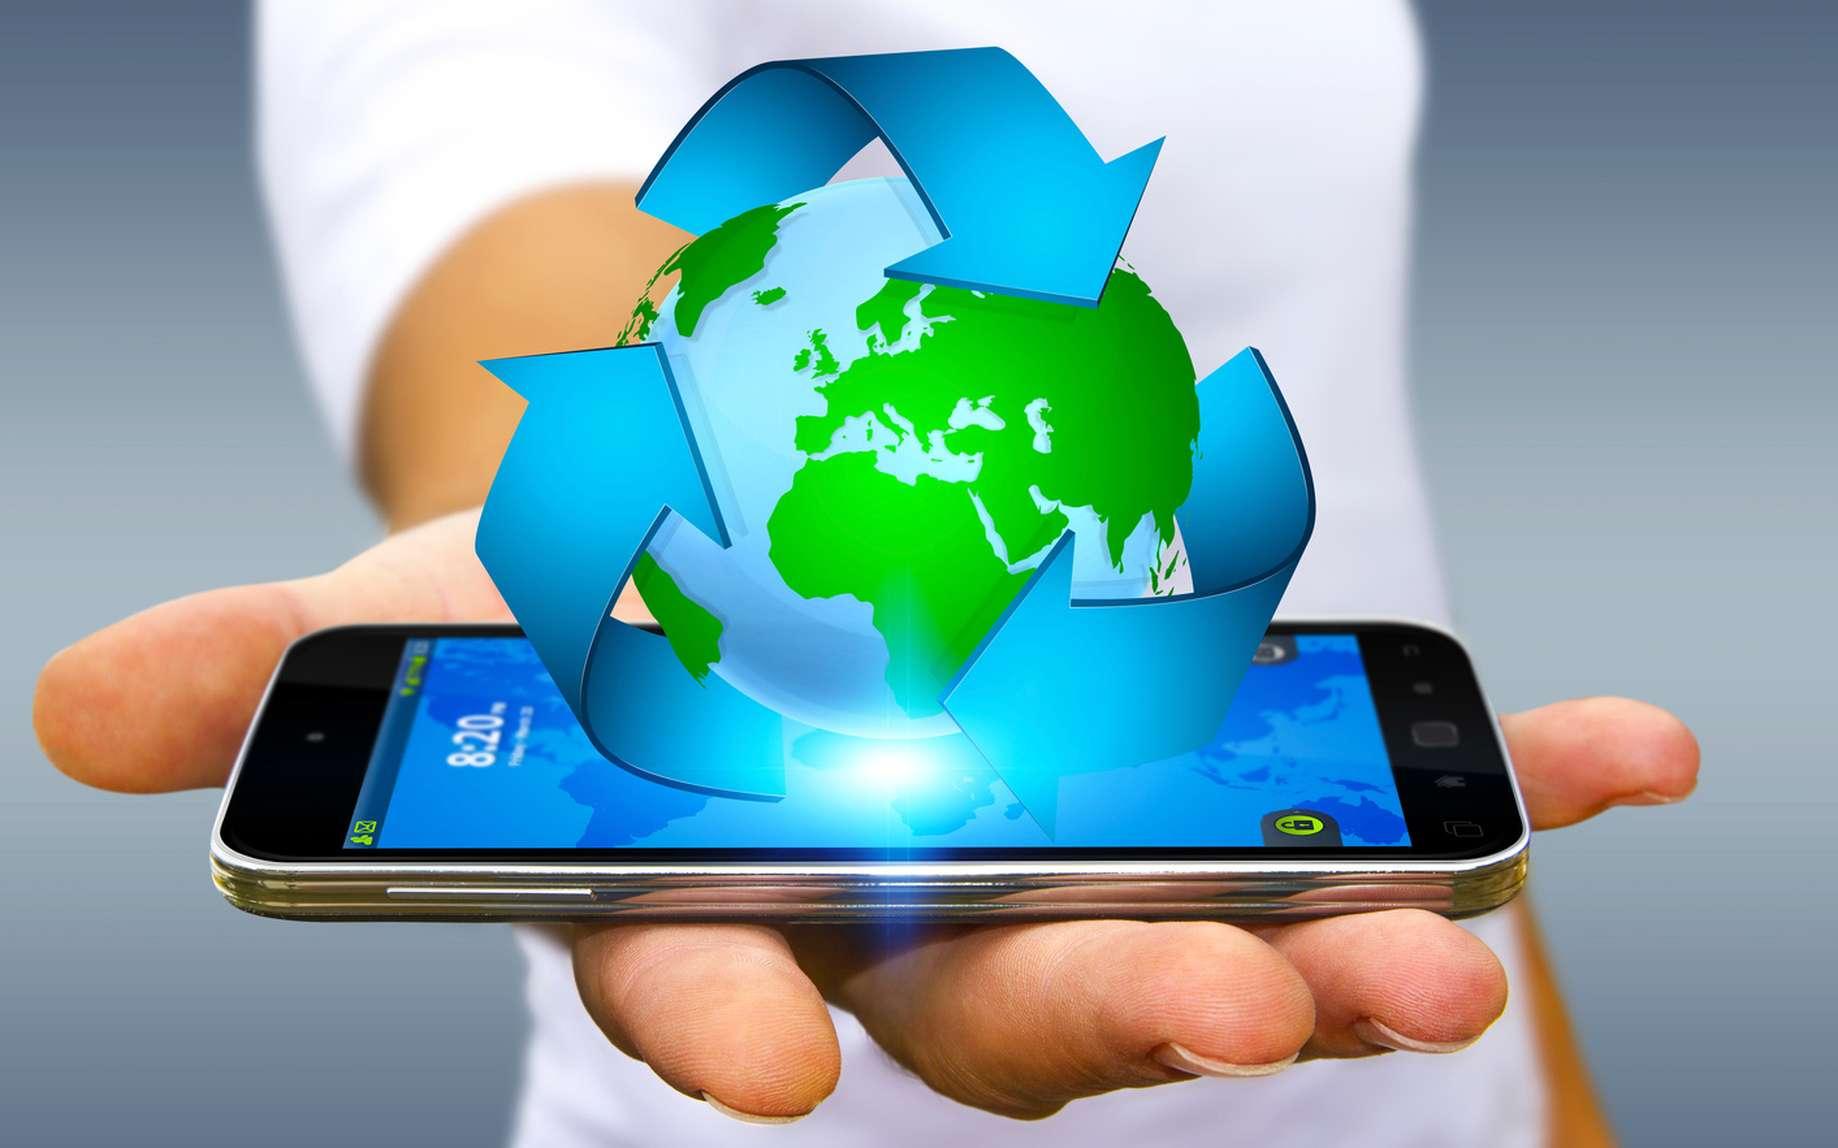 Pensez à recycler votre téléphone au lieu de le jeter. Certaines sociétés sont spécialisées dans la gestion de ces appareils usagés. © sdecoret, fotolia